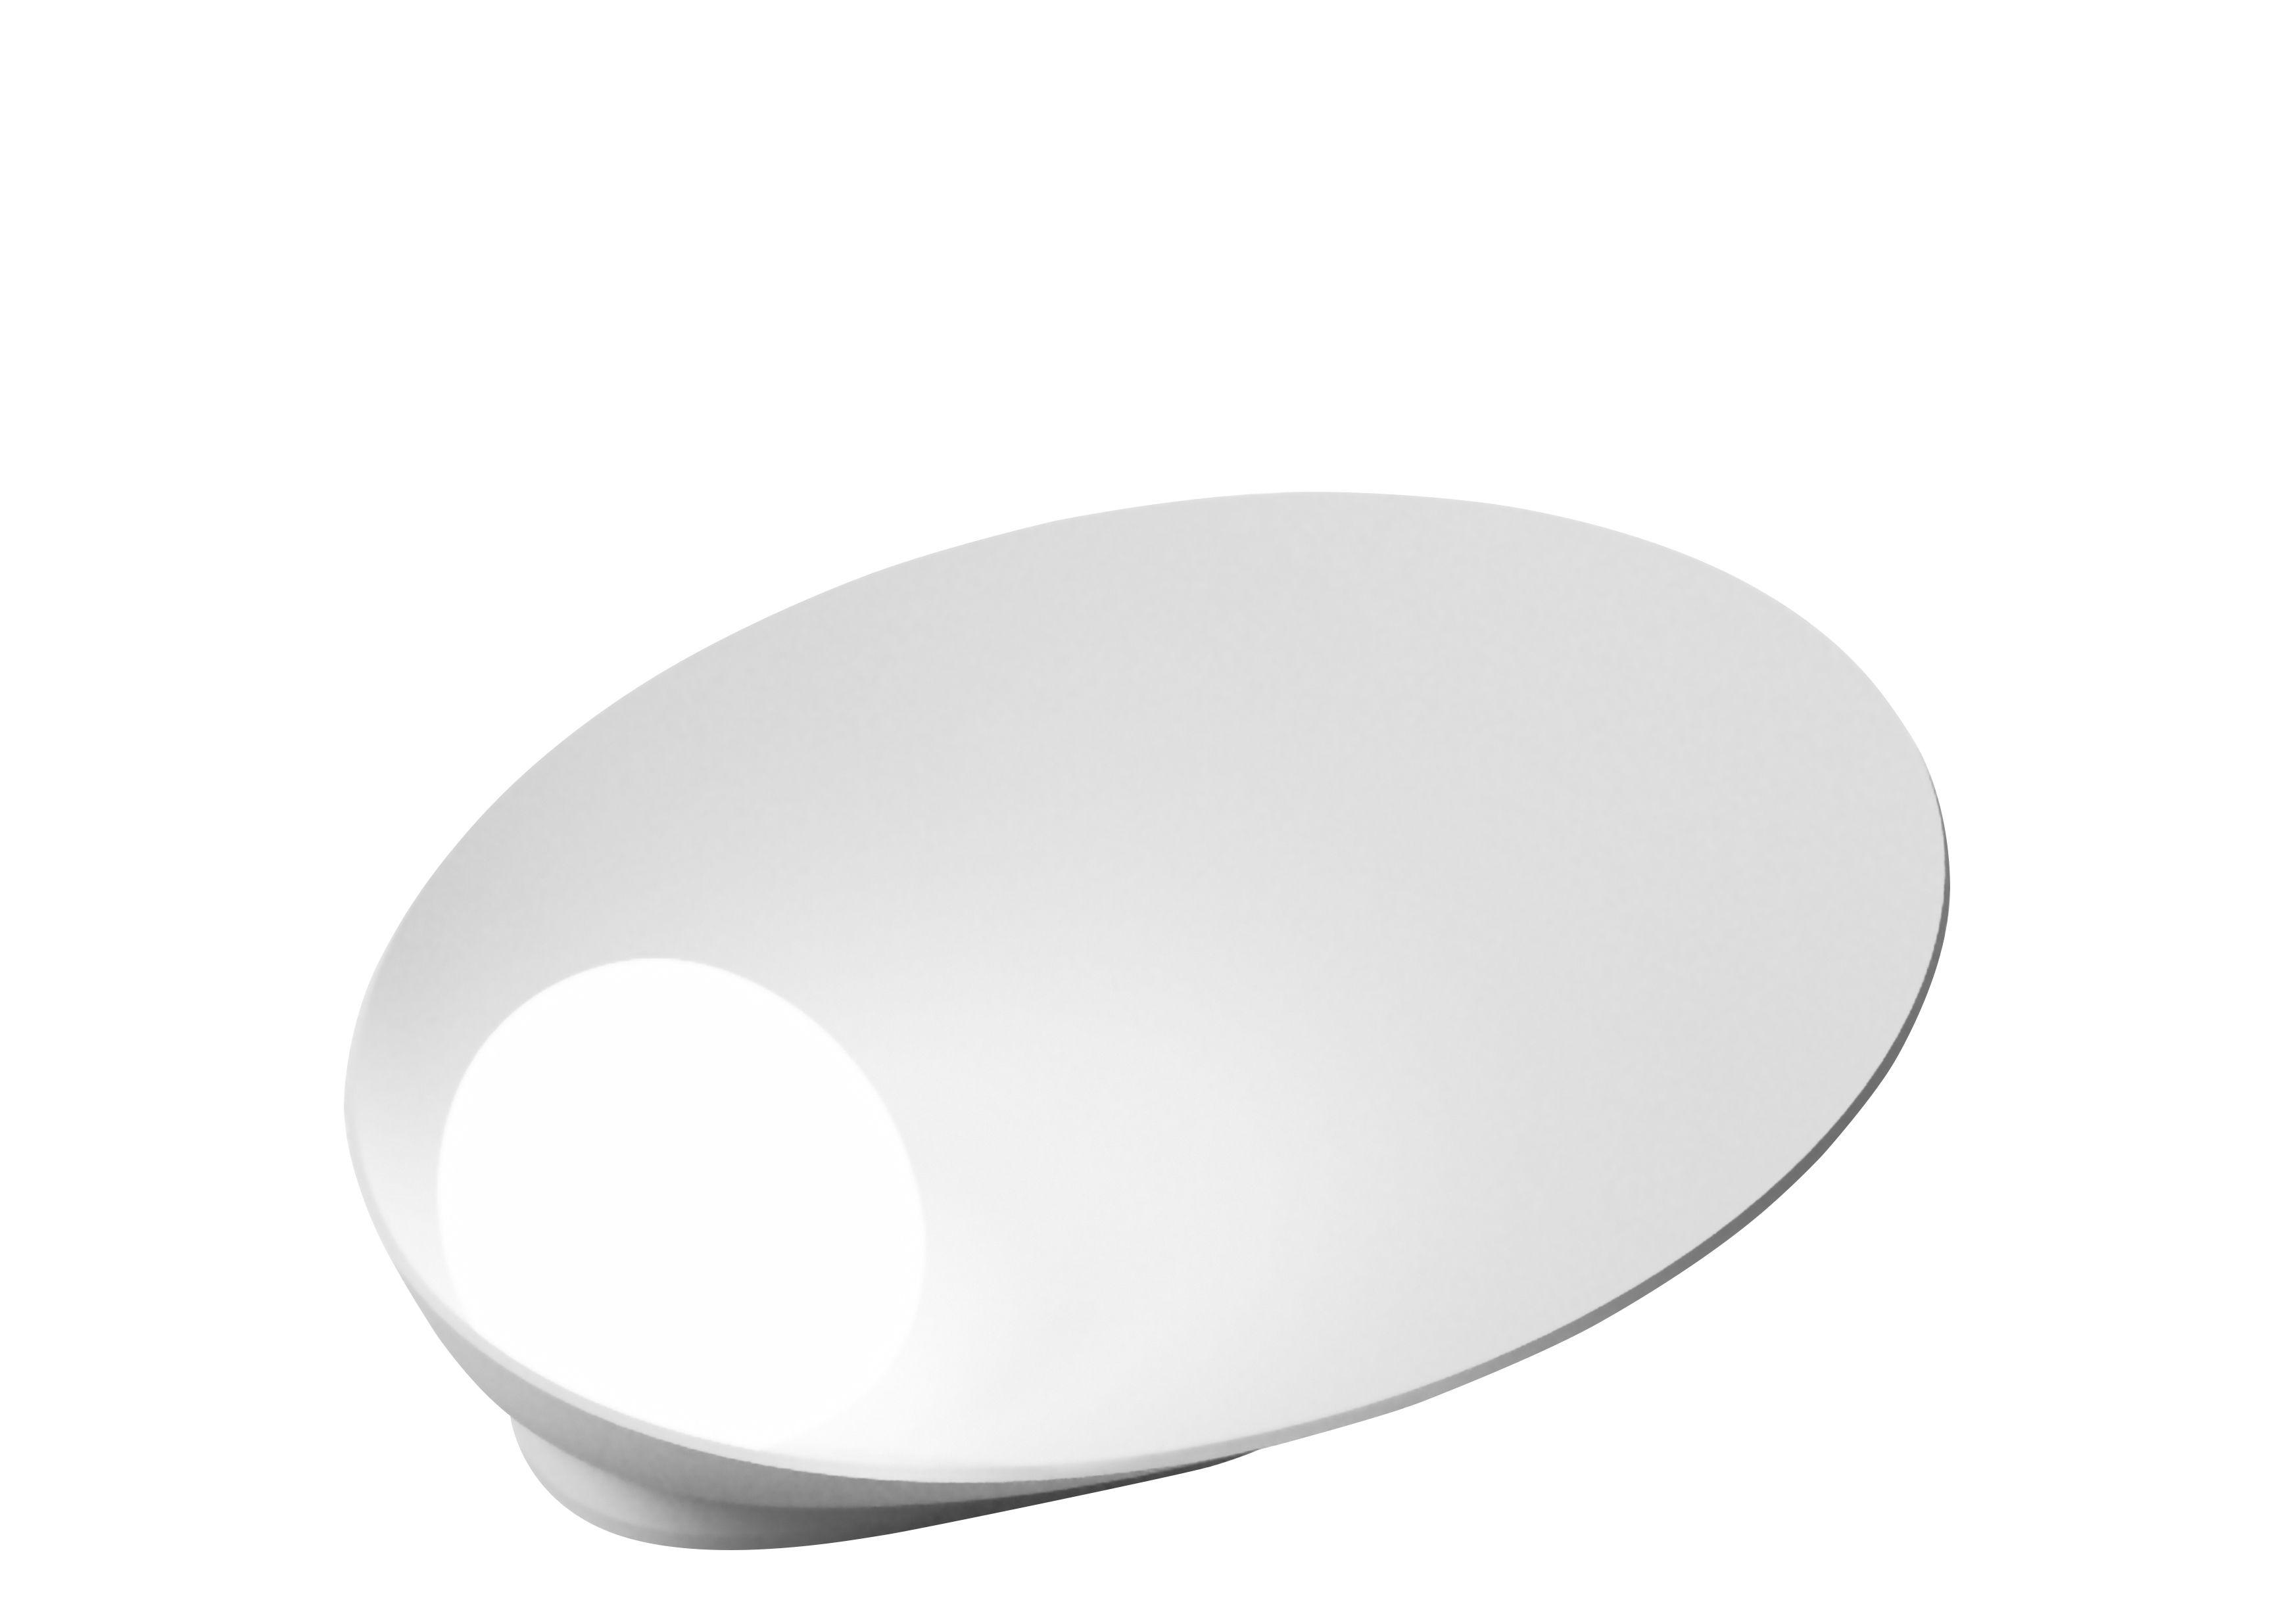 Illuminazione - Lampade da tavolo - Lampada da tavolo Musa - / Ricaricabile - Ø 26 cm di Vibia - Laccato bianco opaco - Alluminio, Vetro soffiato opalino